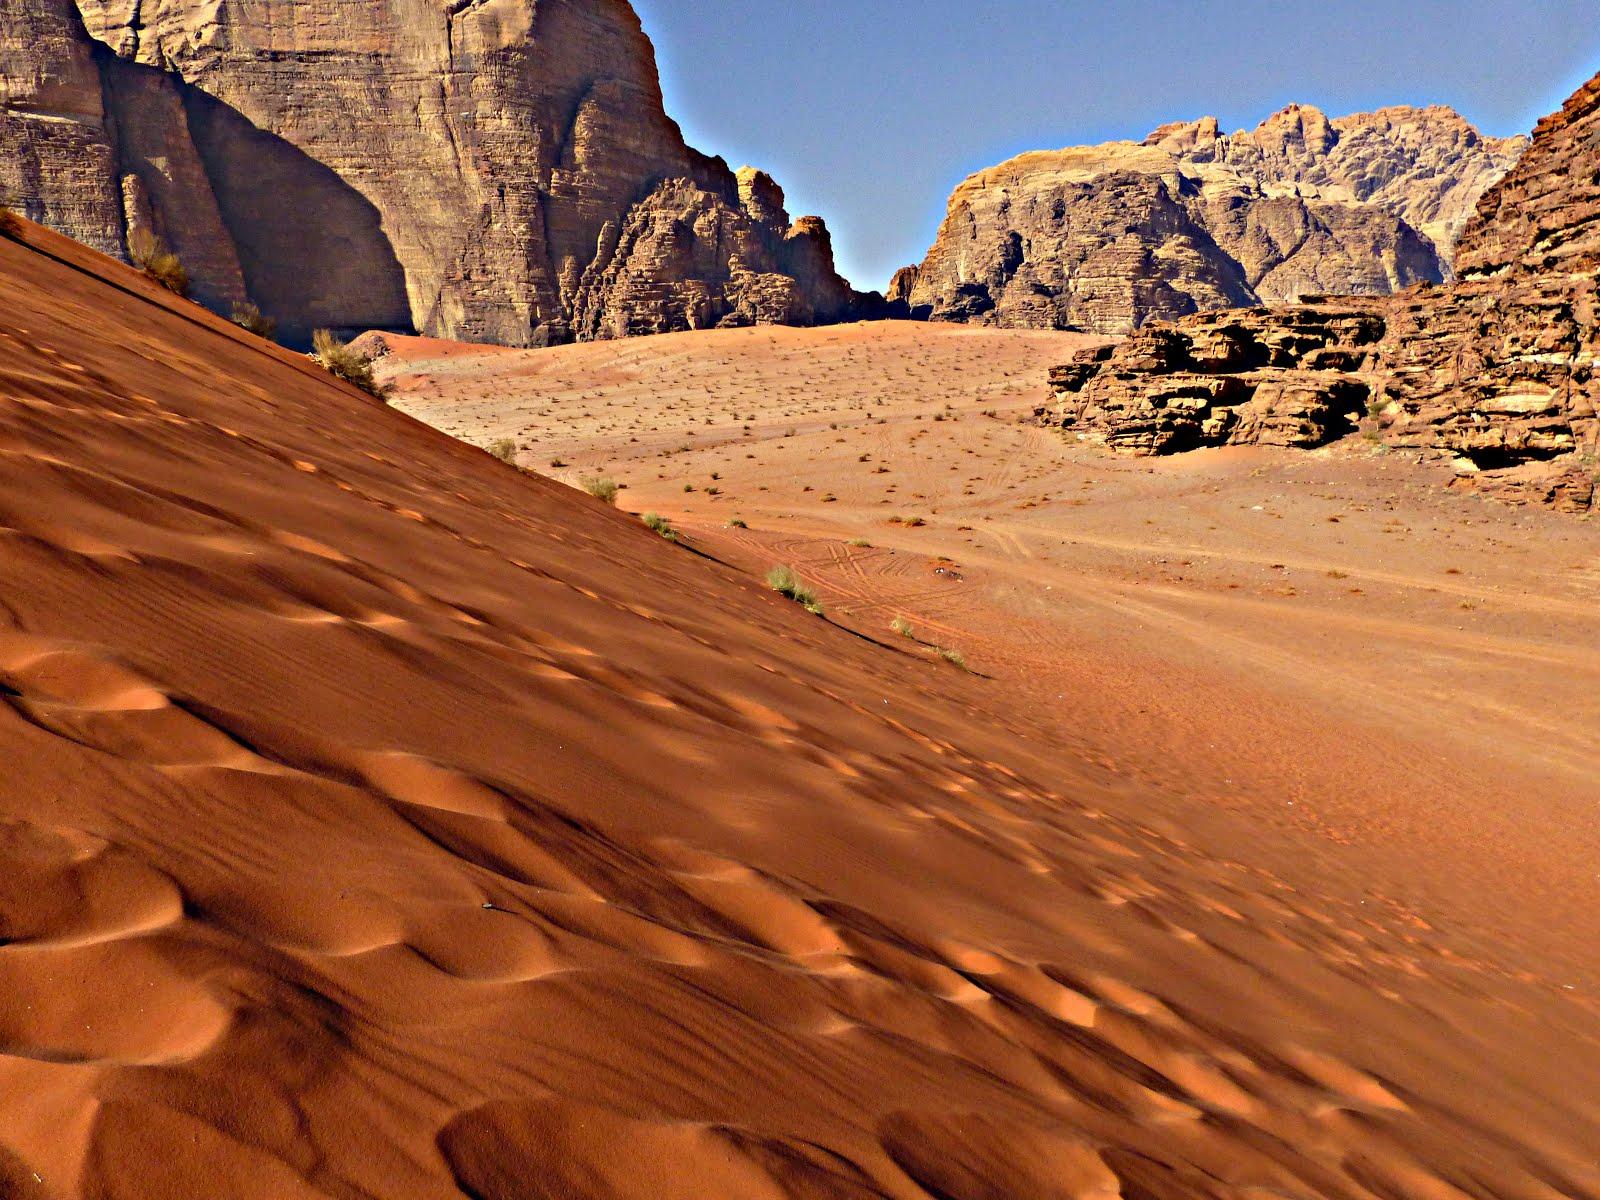 Pasar una noche en Wadi Rum